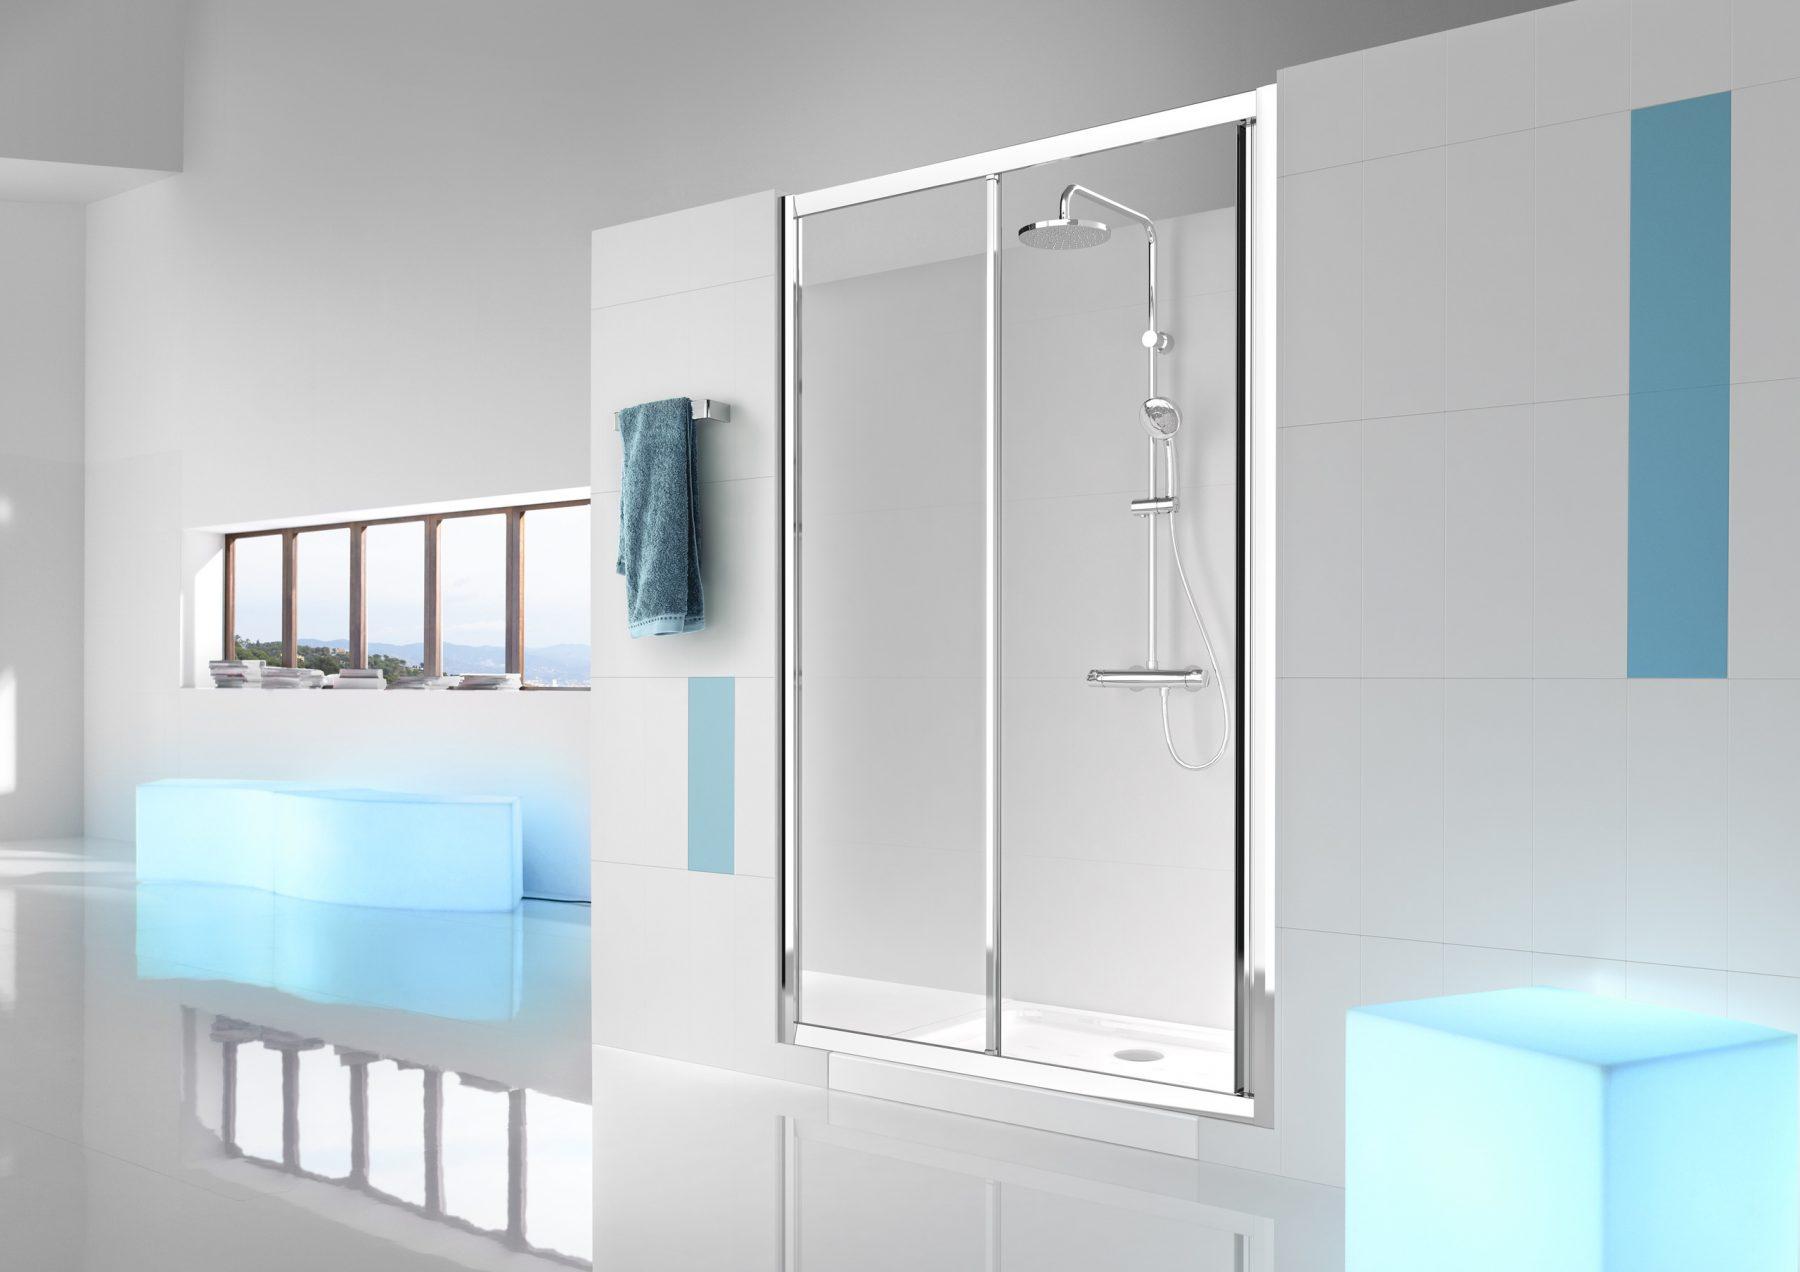 Fiche produit parois de douche porte coulissante - Porte coulissante scrigno fiche technique ...